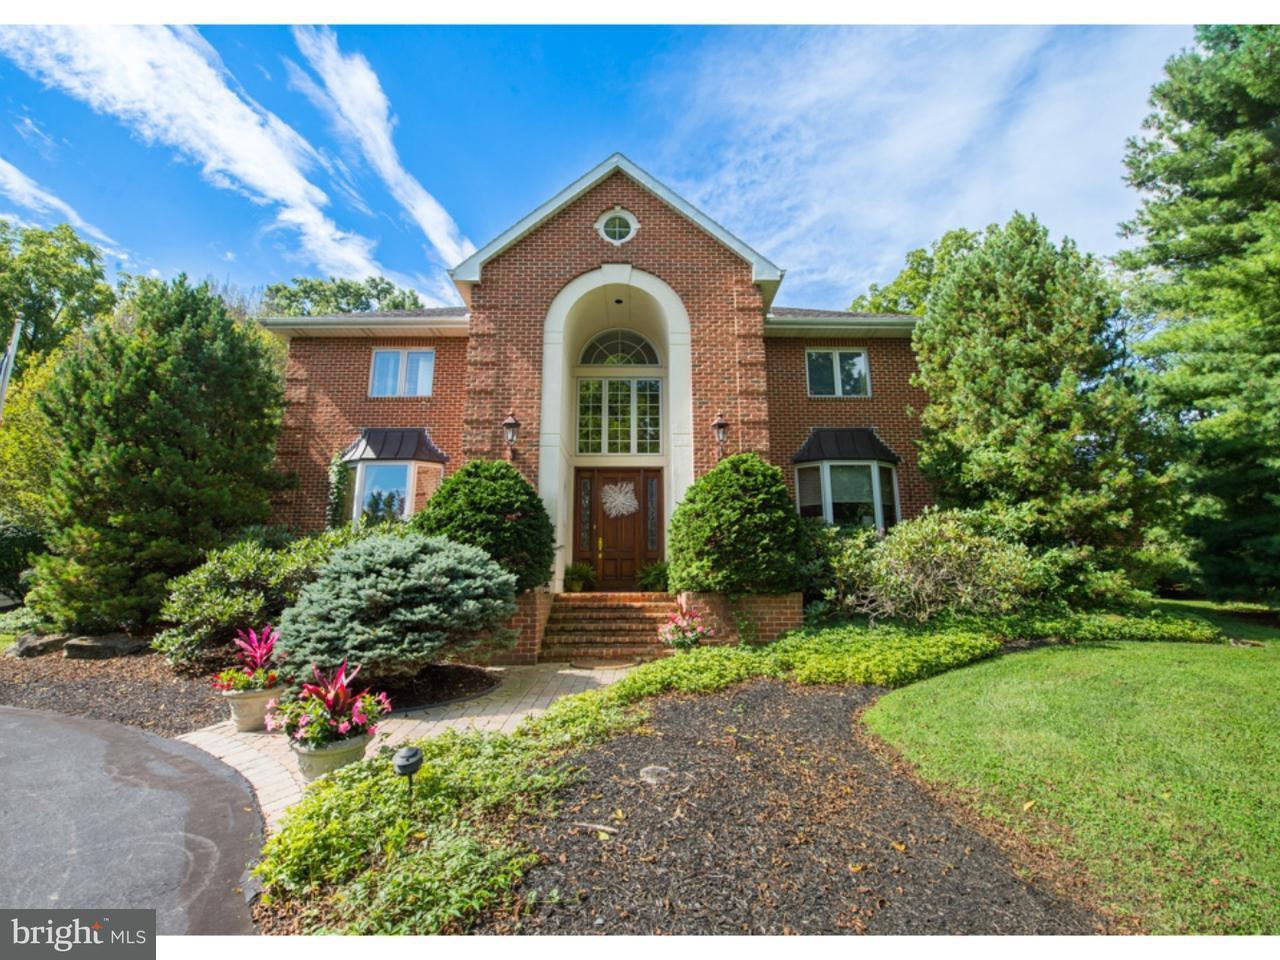 Частный односемейный дом для того Продажа на 1902 WOODS HOLLOW Lane Allentown, Пенсильвания 18103 Соединенные Штаты